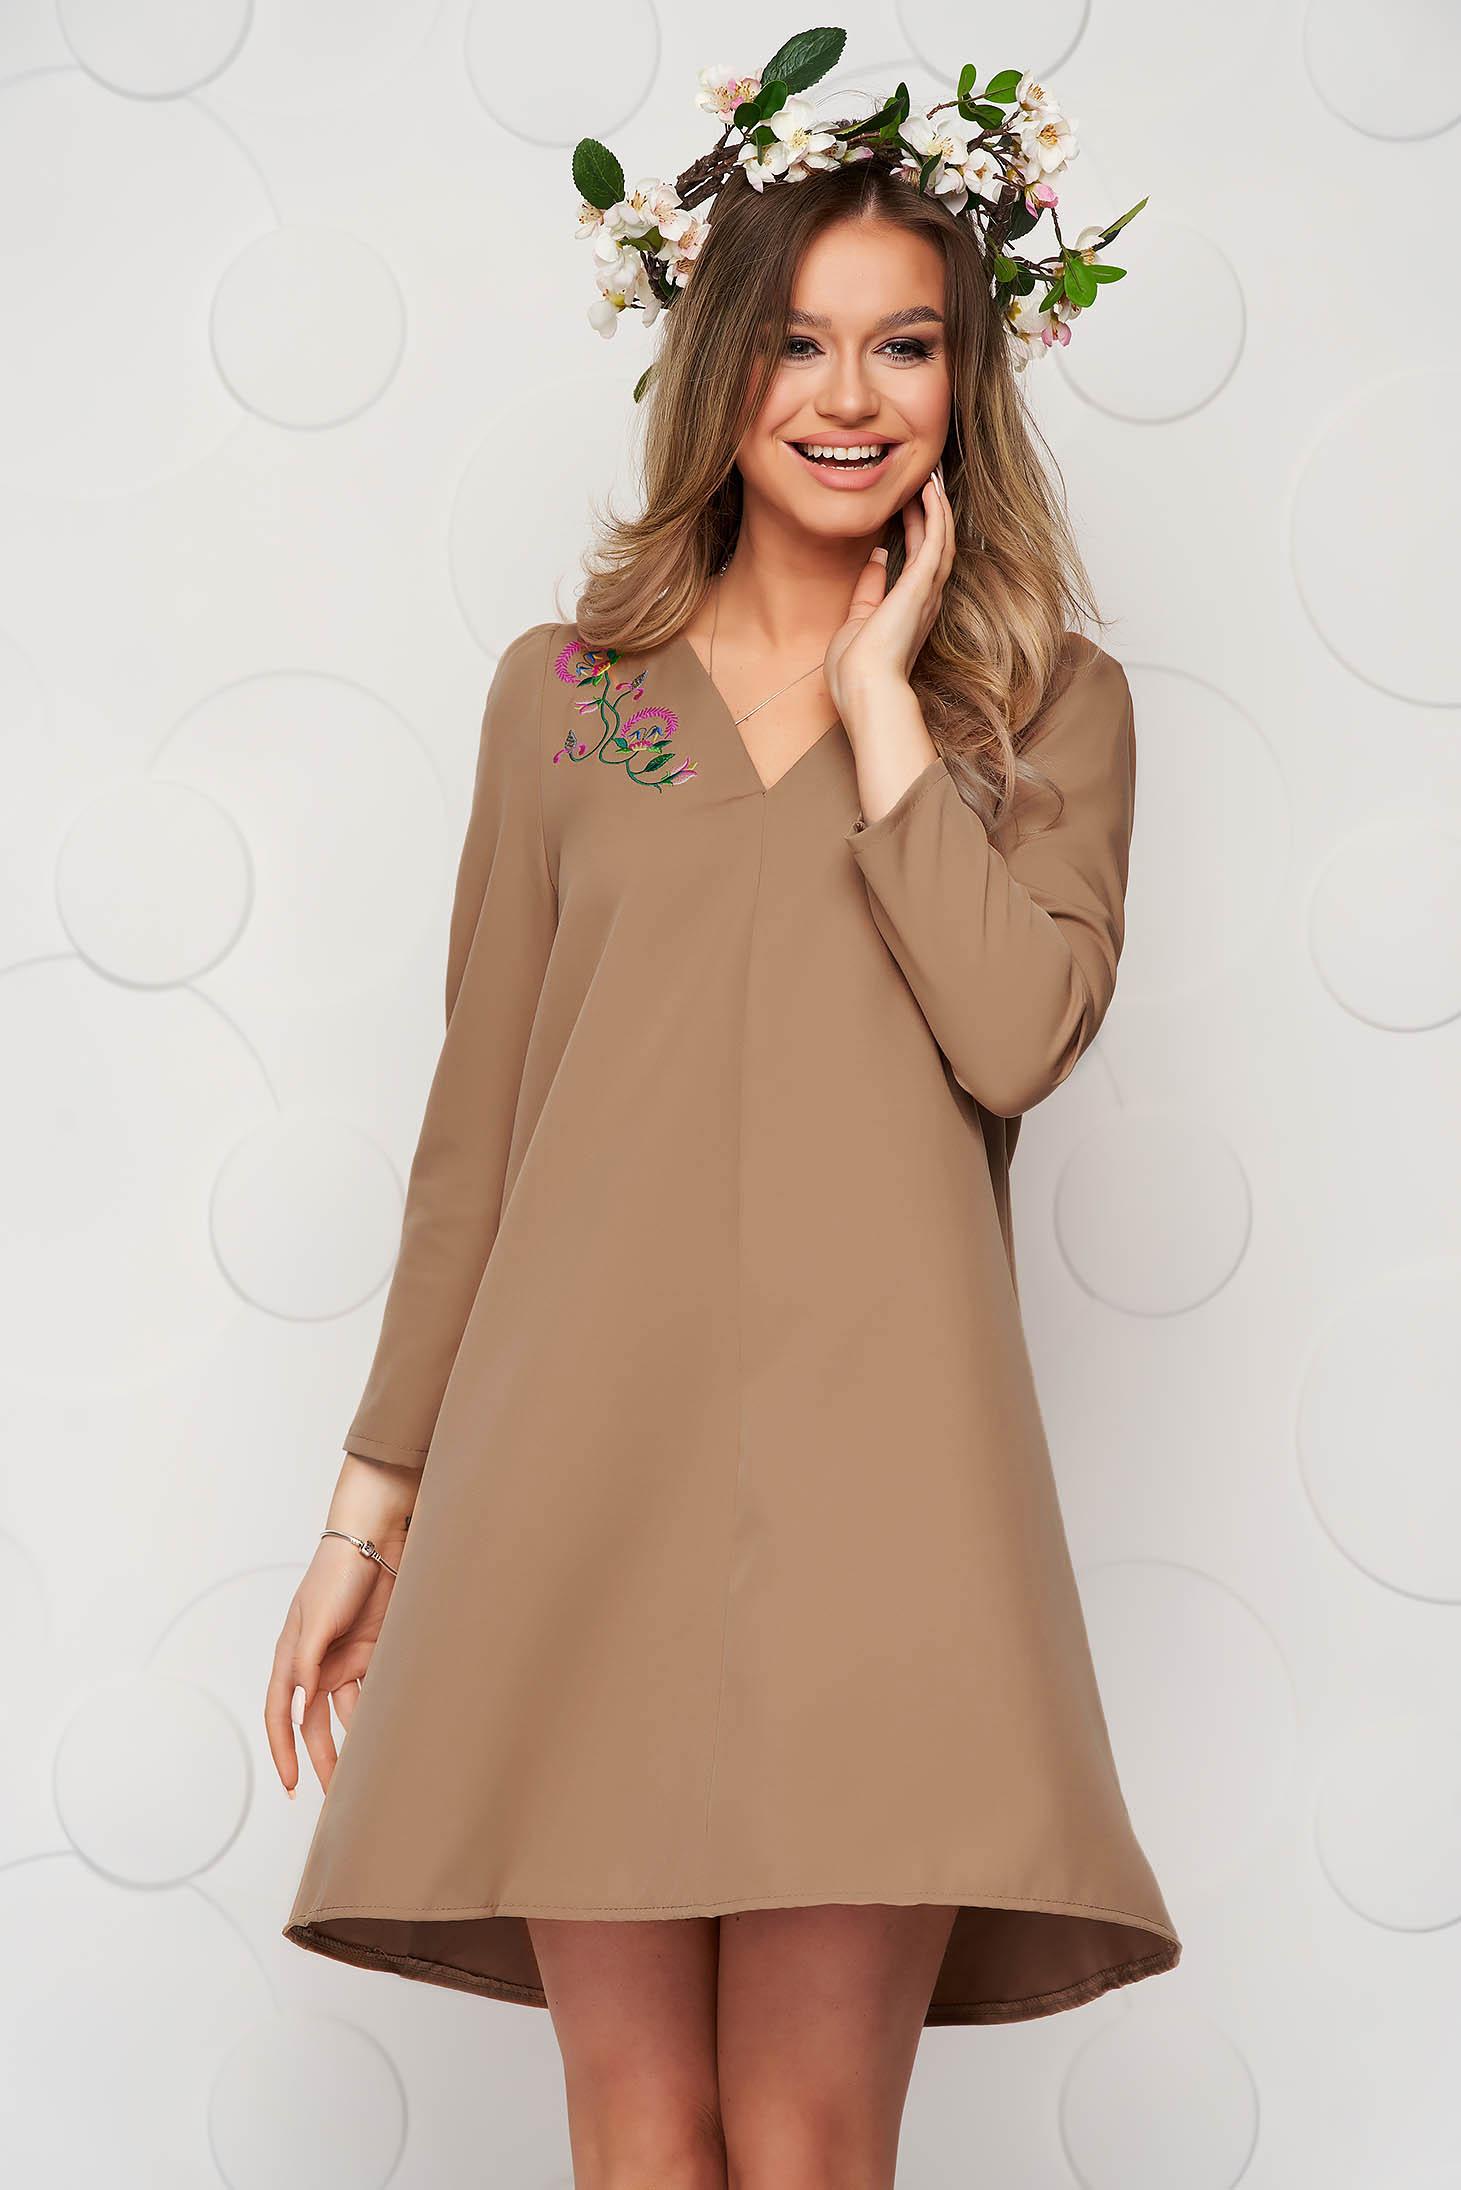 Barna A-vonalú ruha enyhén rugalmas anyagból virágos hímzéssel